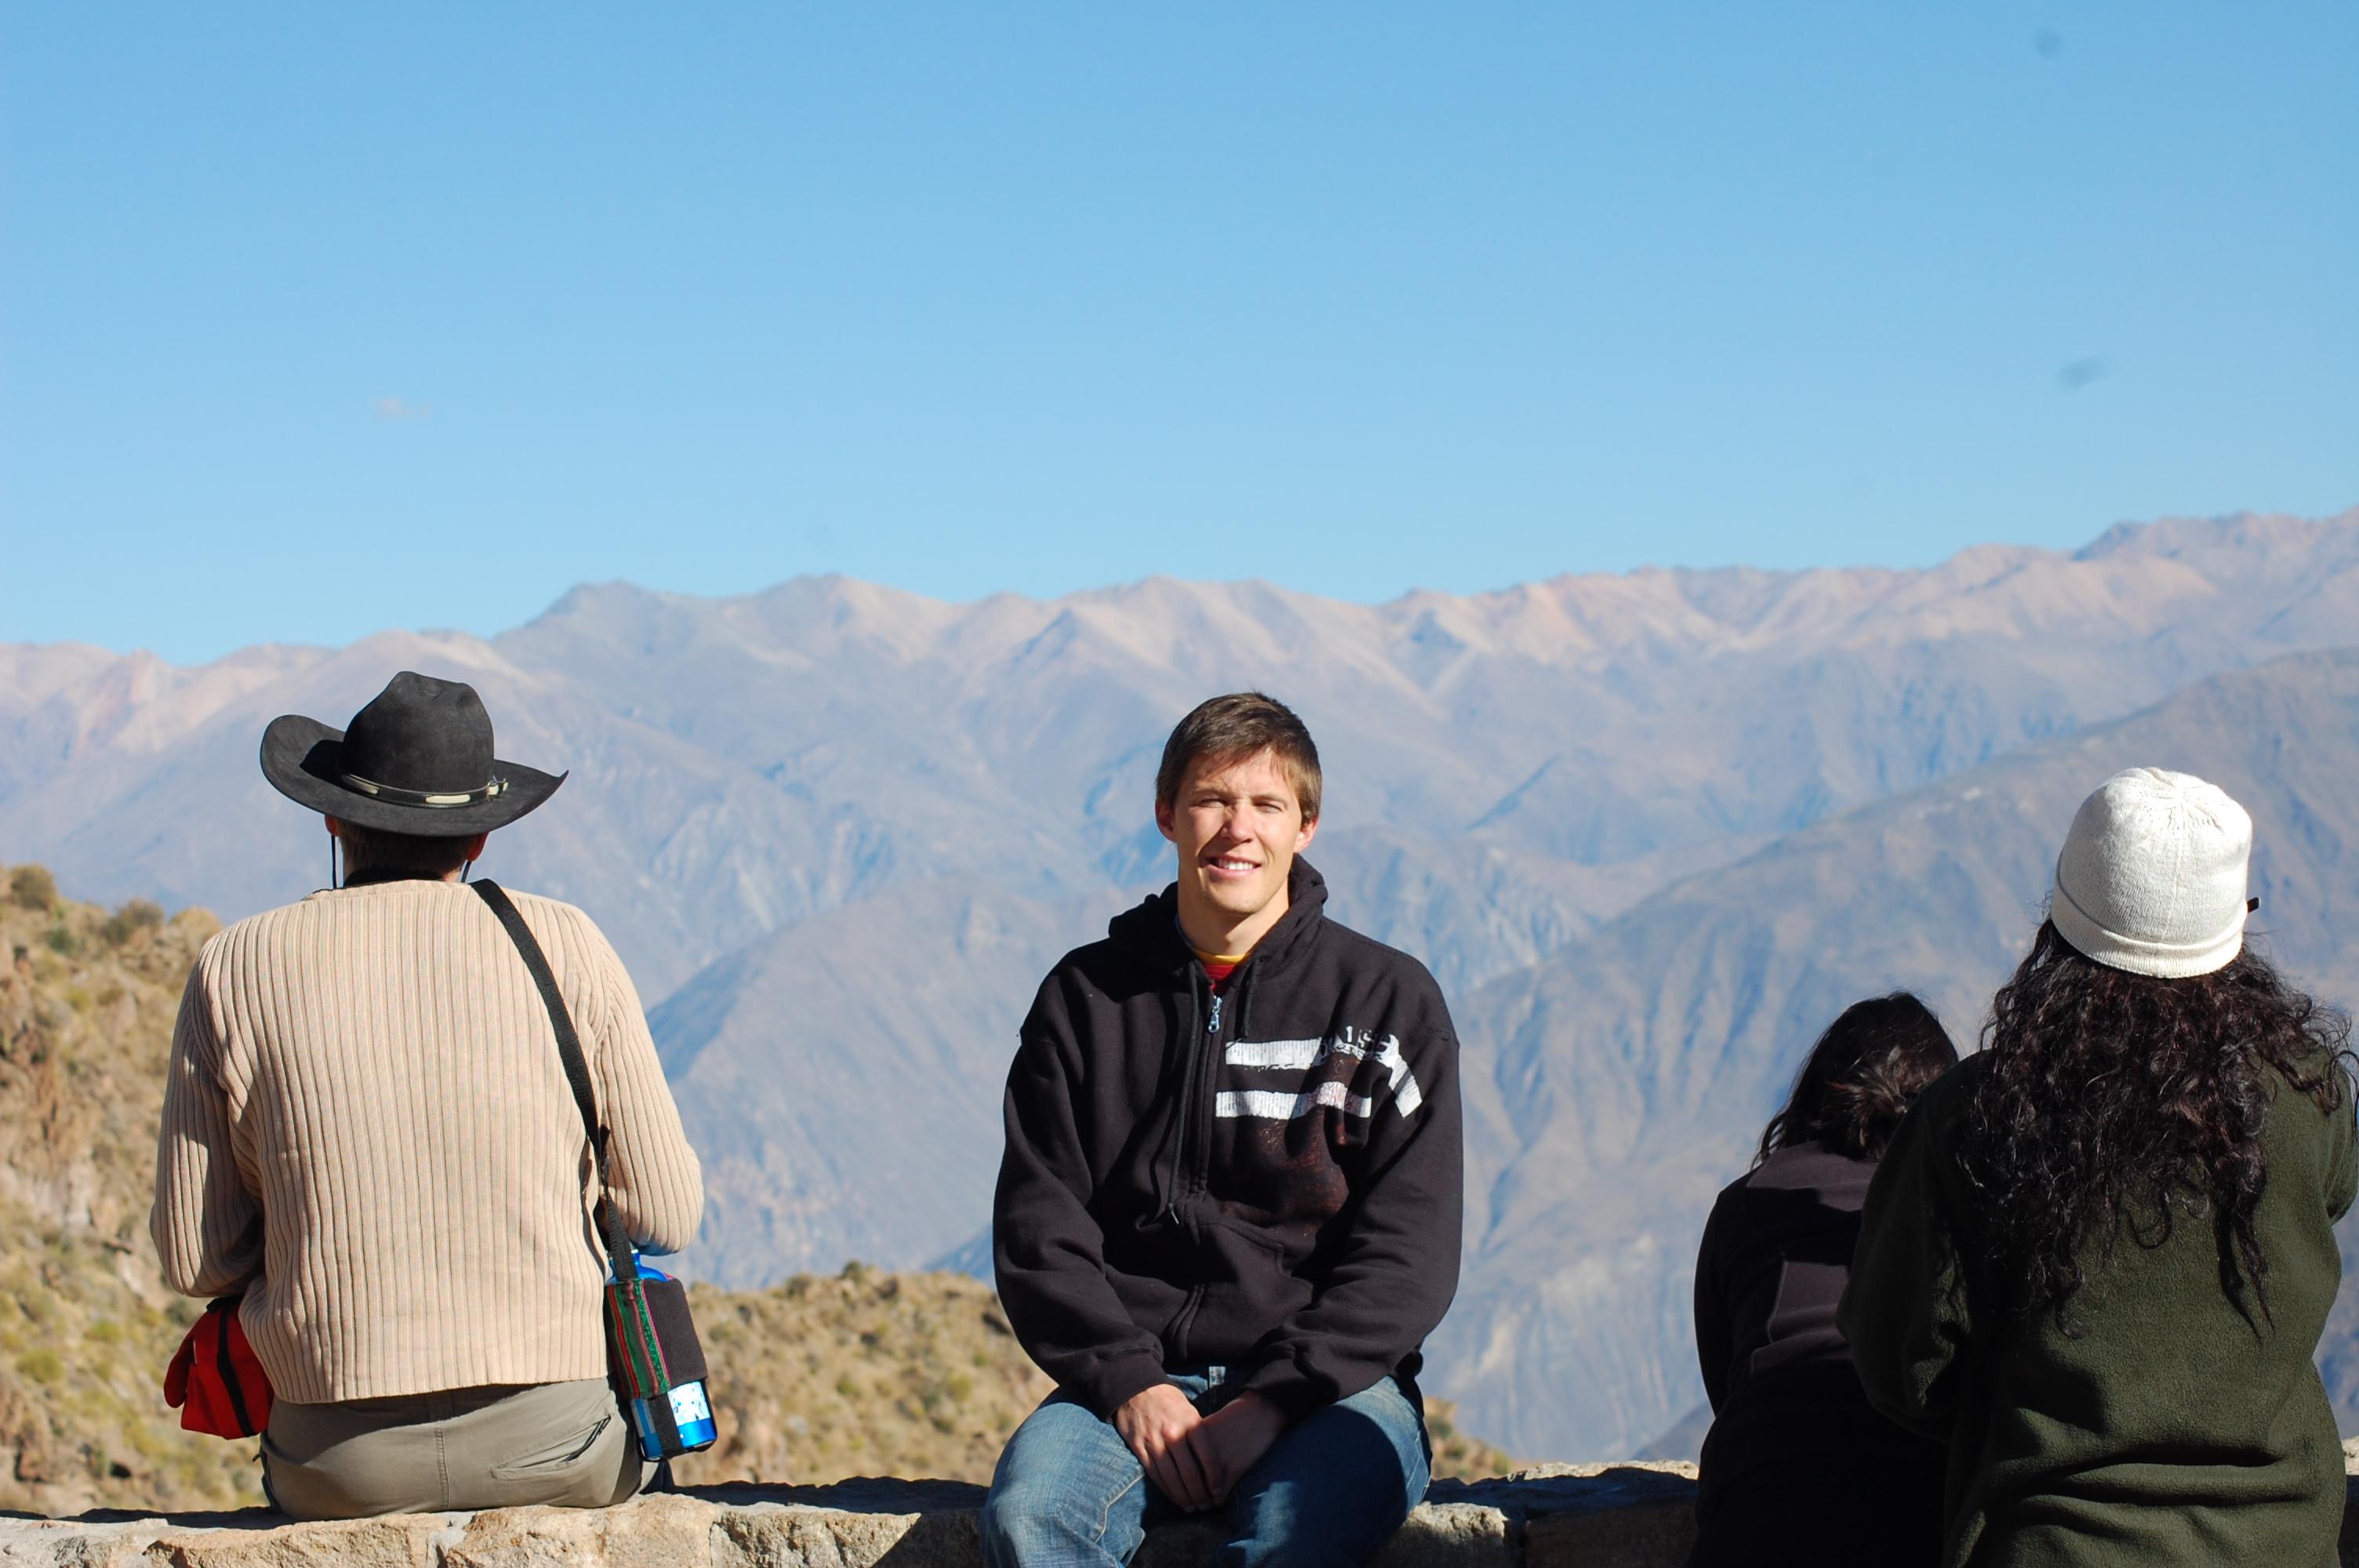 Me and Colca Canyon